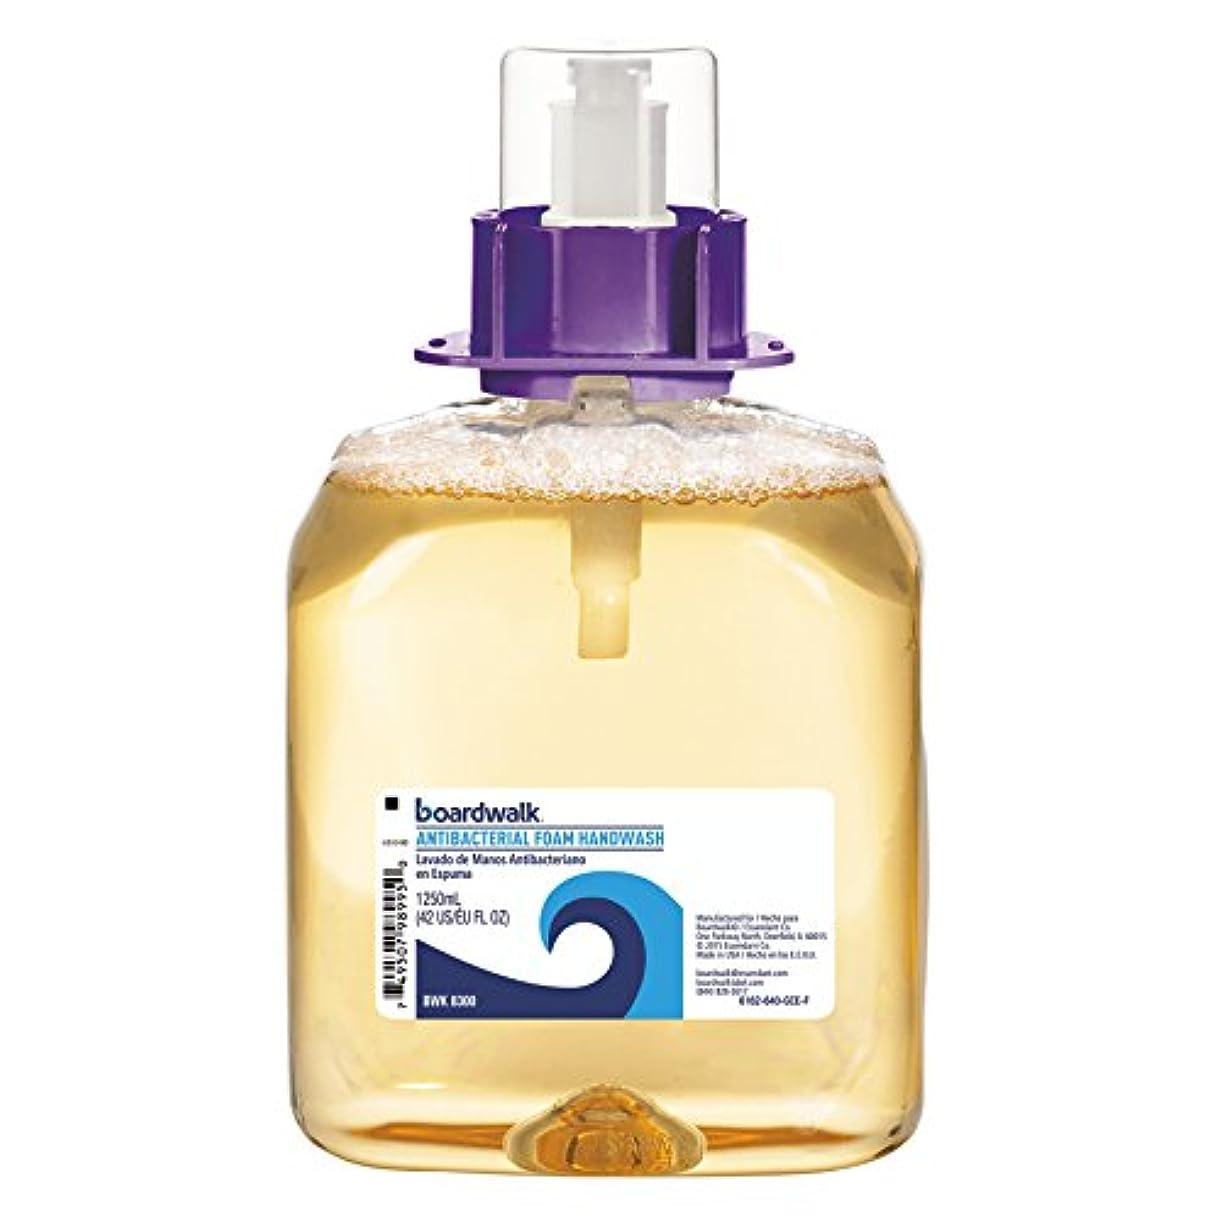 再撮り法的密度Foam Antibacterial Handwash, Sweet Pea, 1250ml Refill, 4 per Carton (並行輸入品)